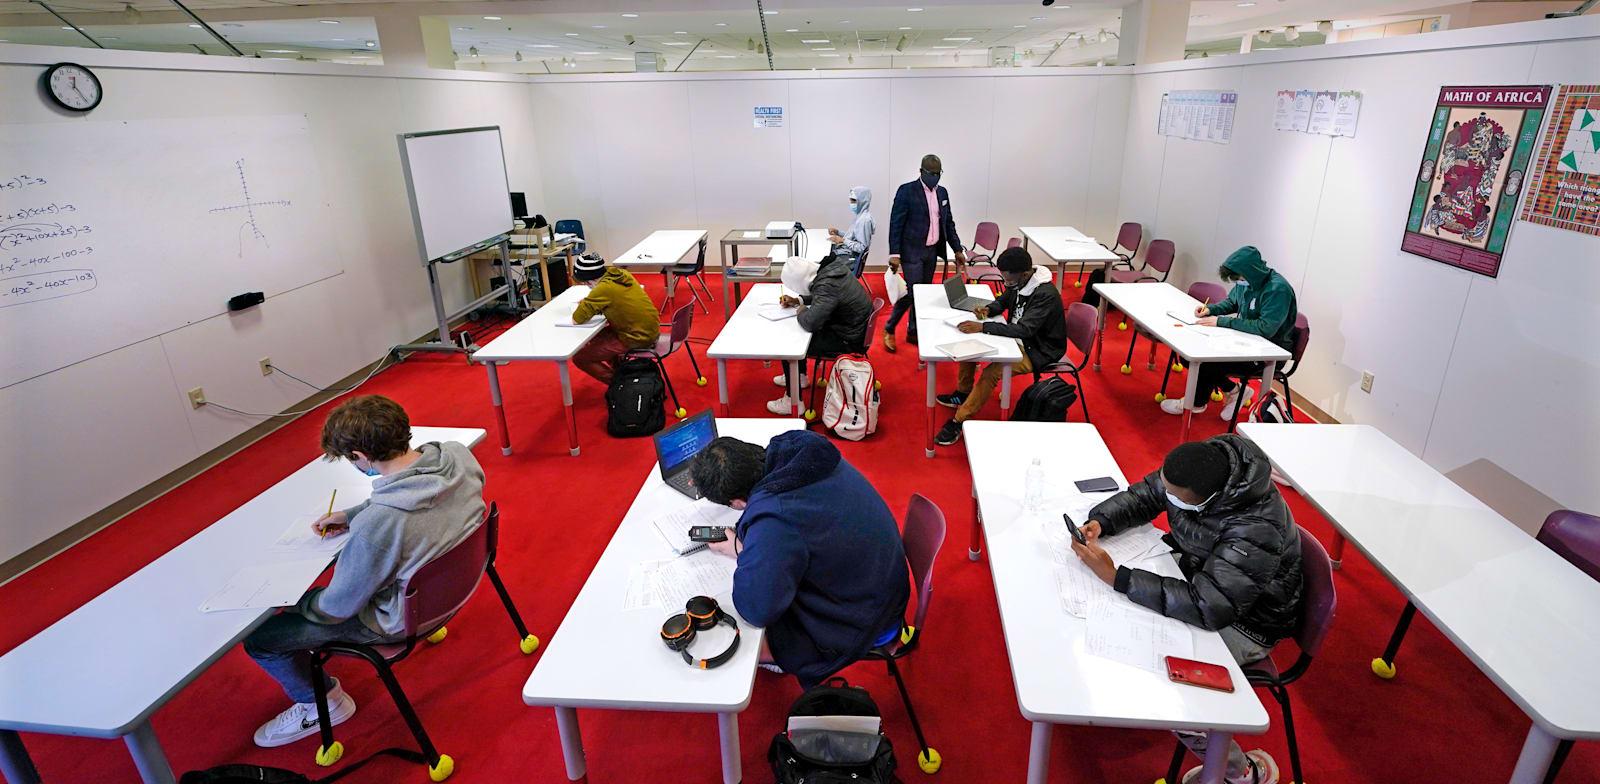 שיעור חשבון בחנות מייסיס במדינת ורמונט. בתי ספר  עשויים למשוך עוד עסקים / צילום: Associated Press, Charles Krupa